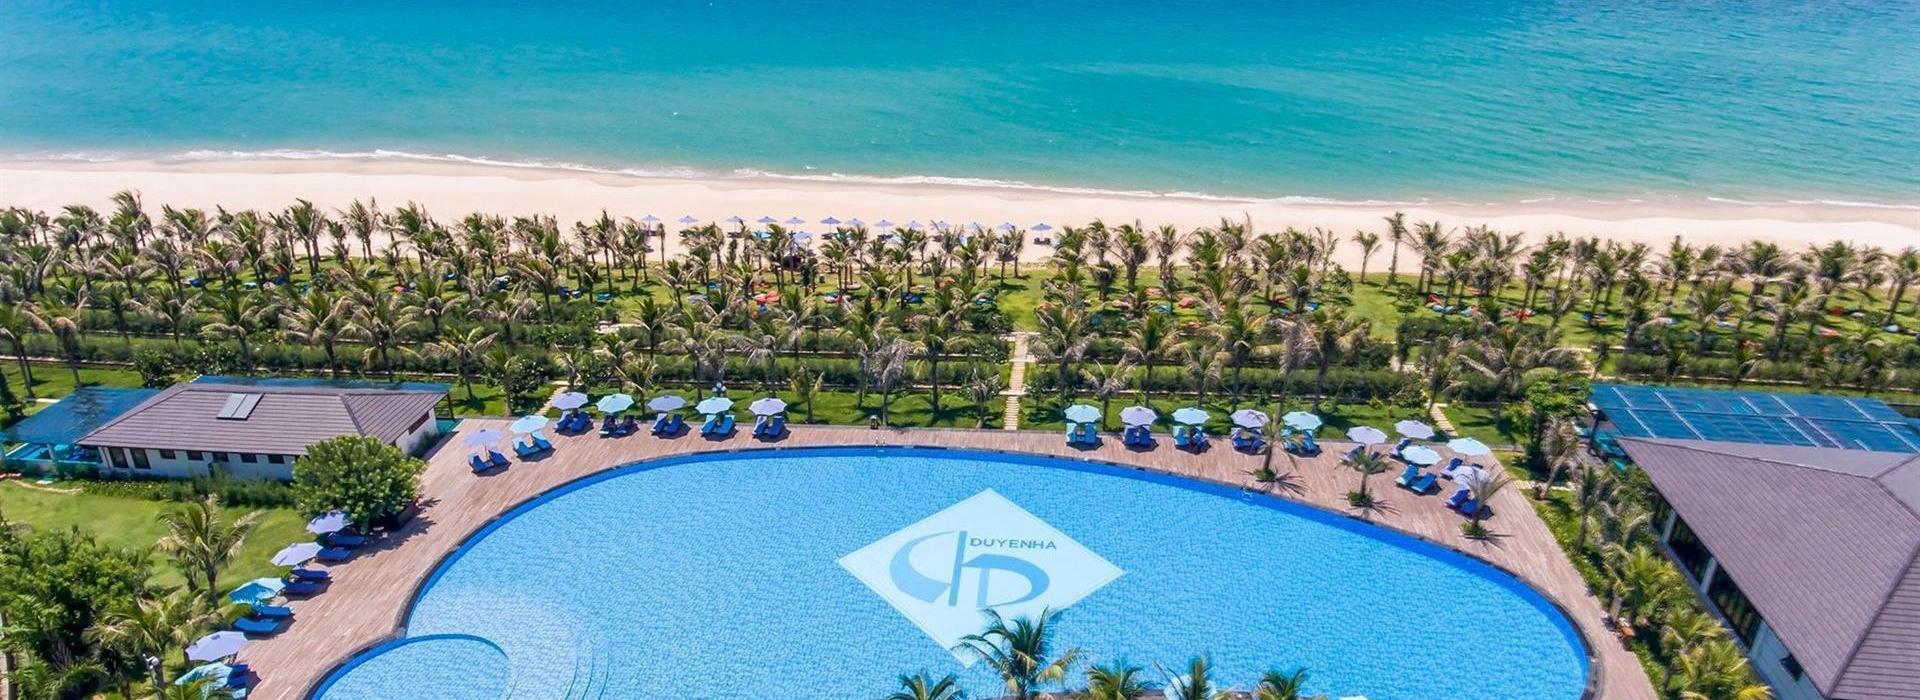 Duyen Ha Resort Cam Ranh 5*